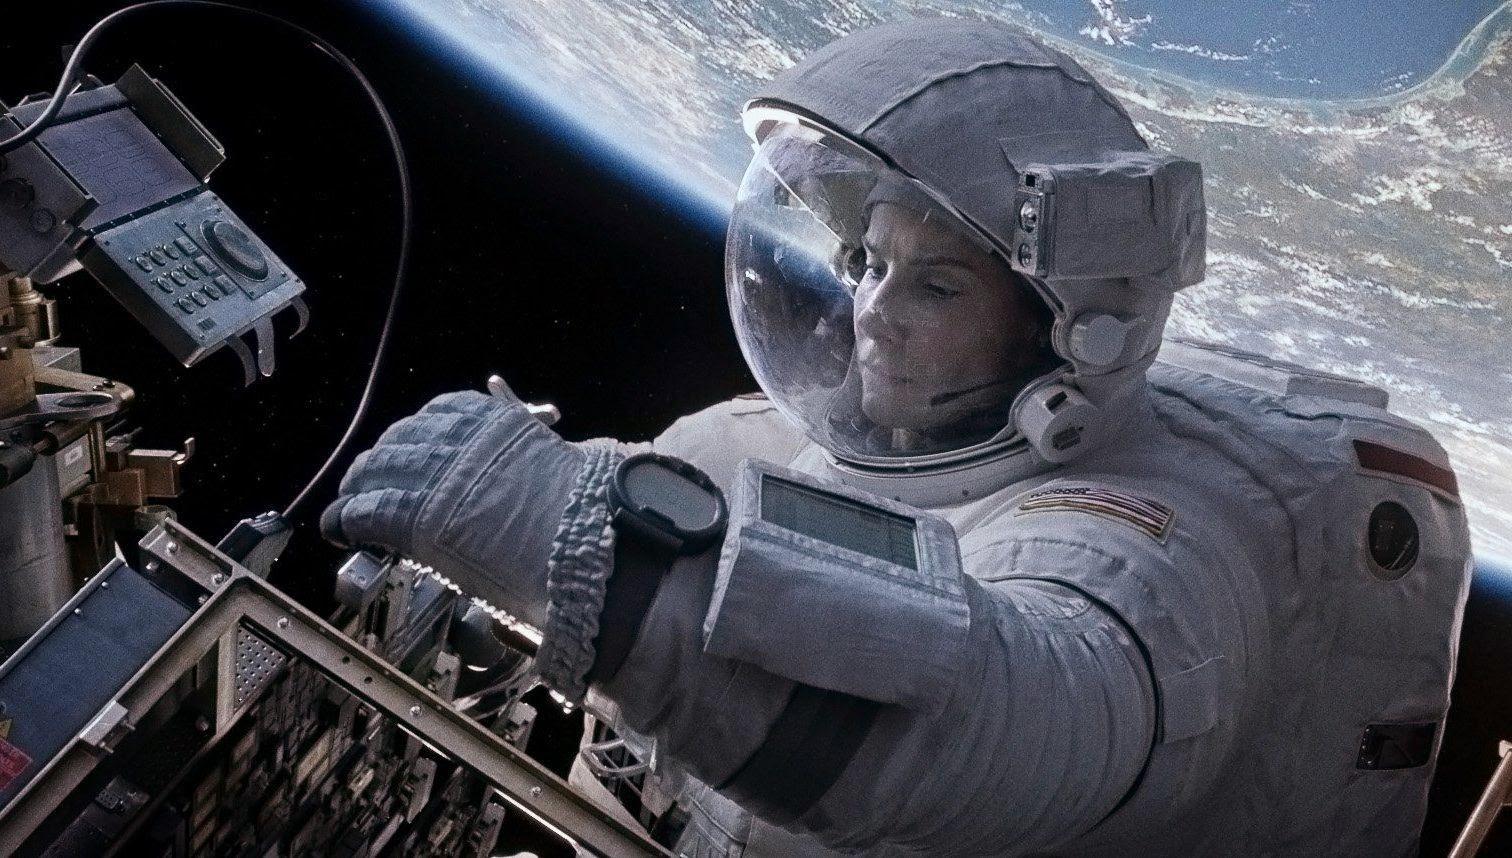 Gravity+image+Sandra+in+space.jpg